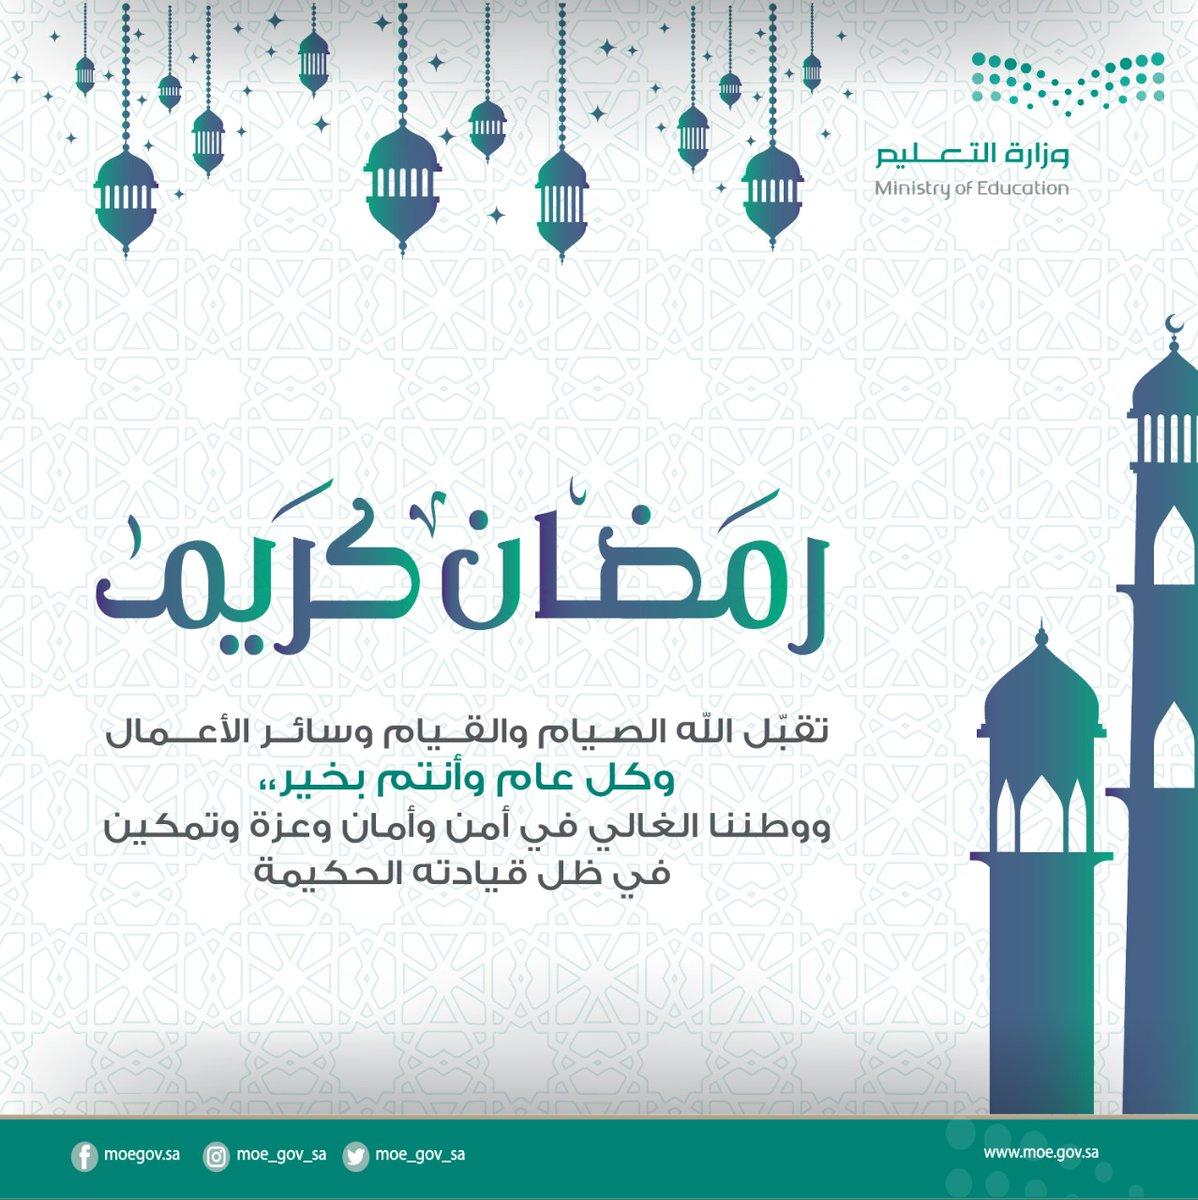 وزارة التعليم عام On Twitter وزارة التعليم تهنئكم بقدوم شهر رمضان المبارك وكل عام وأنتم بخير